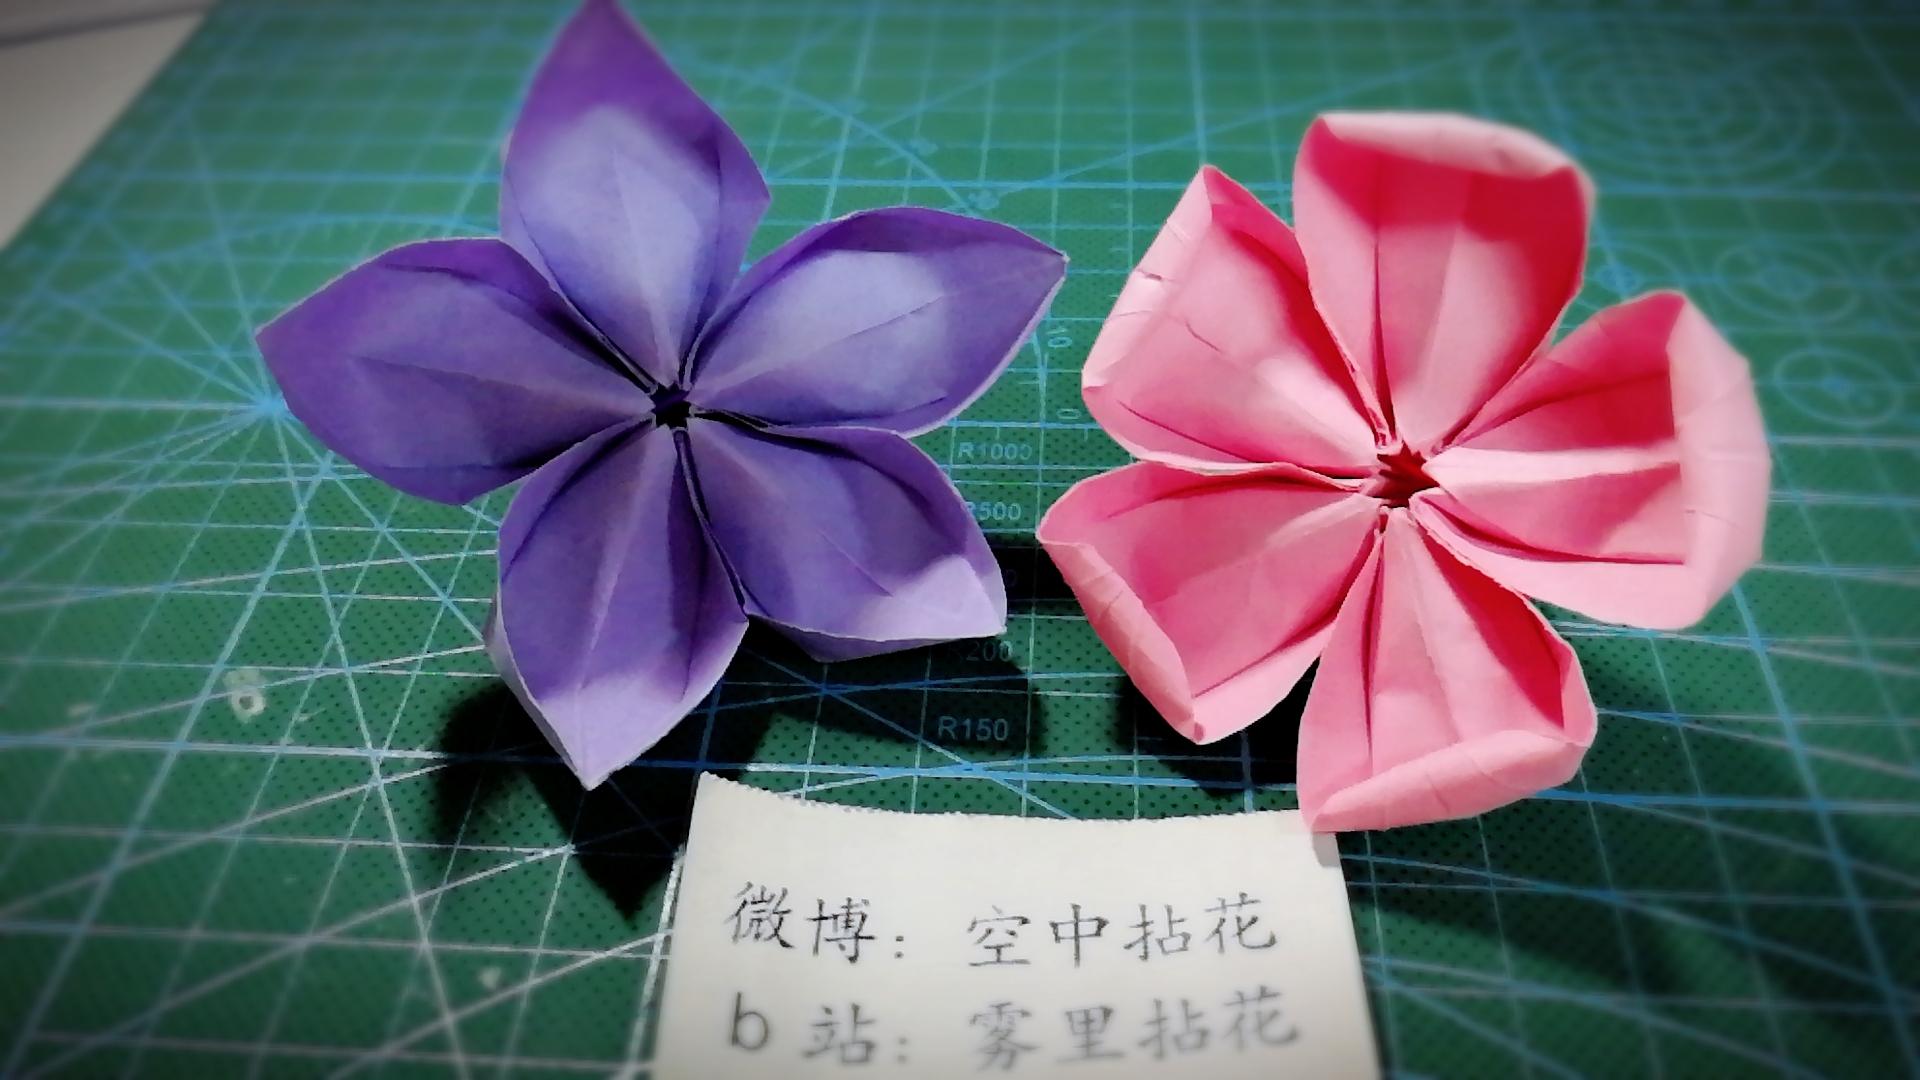 【折纸】一张纸折樱花桜にほんご图片